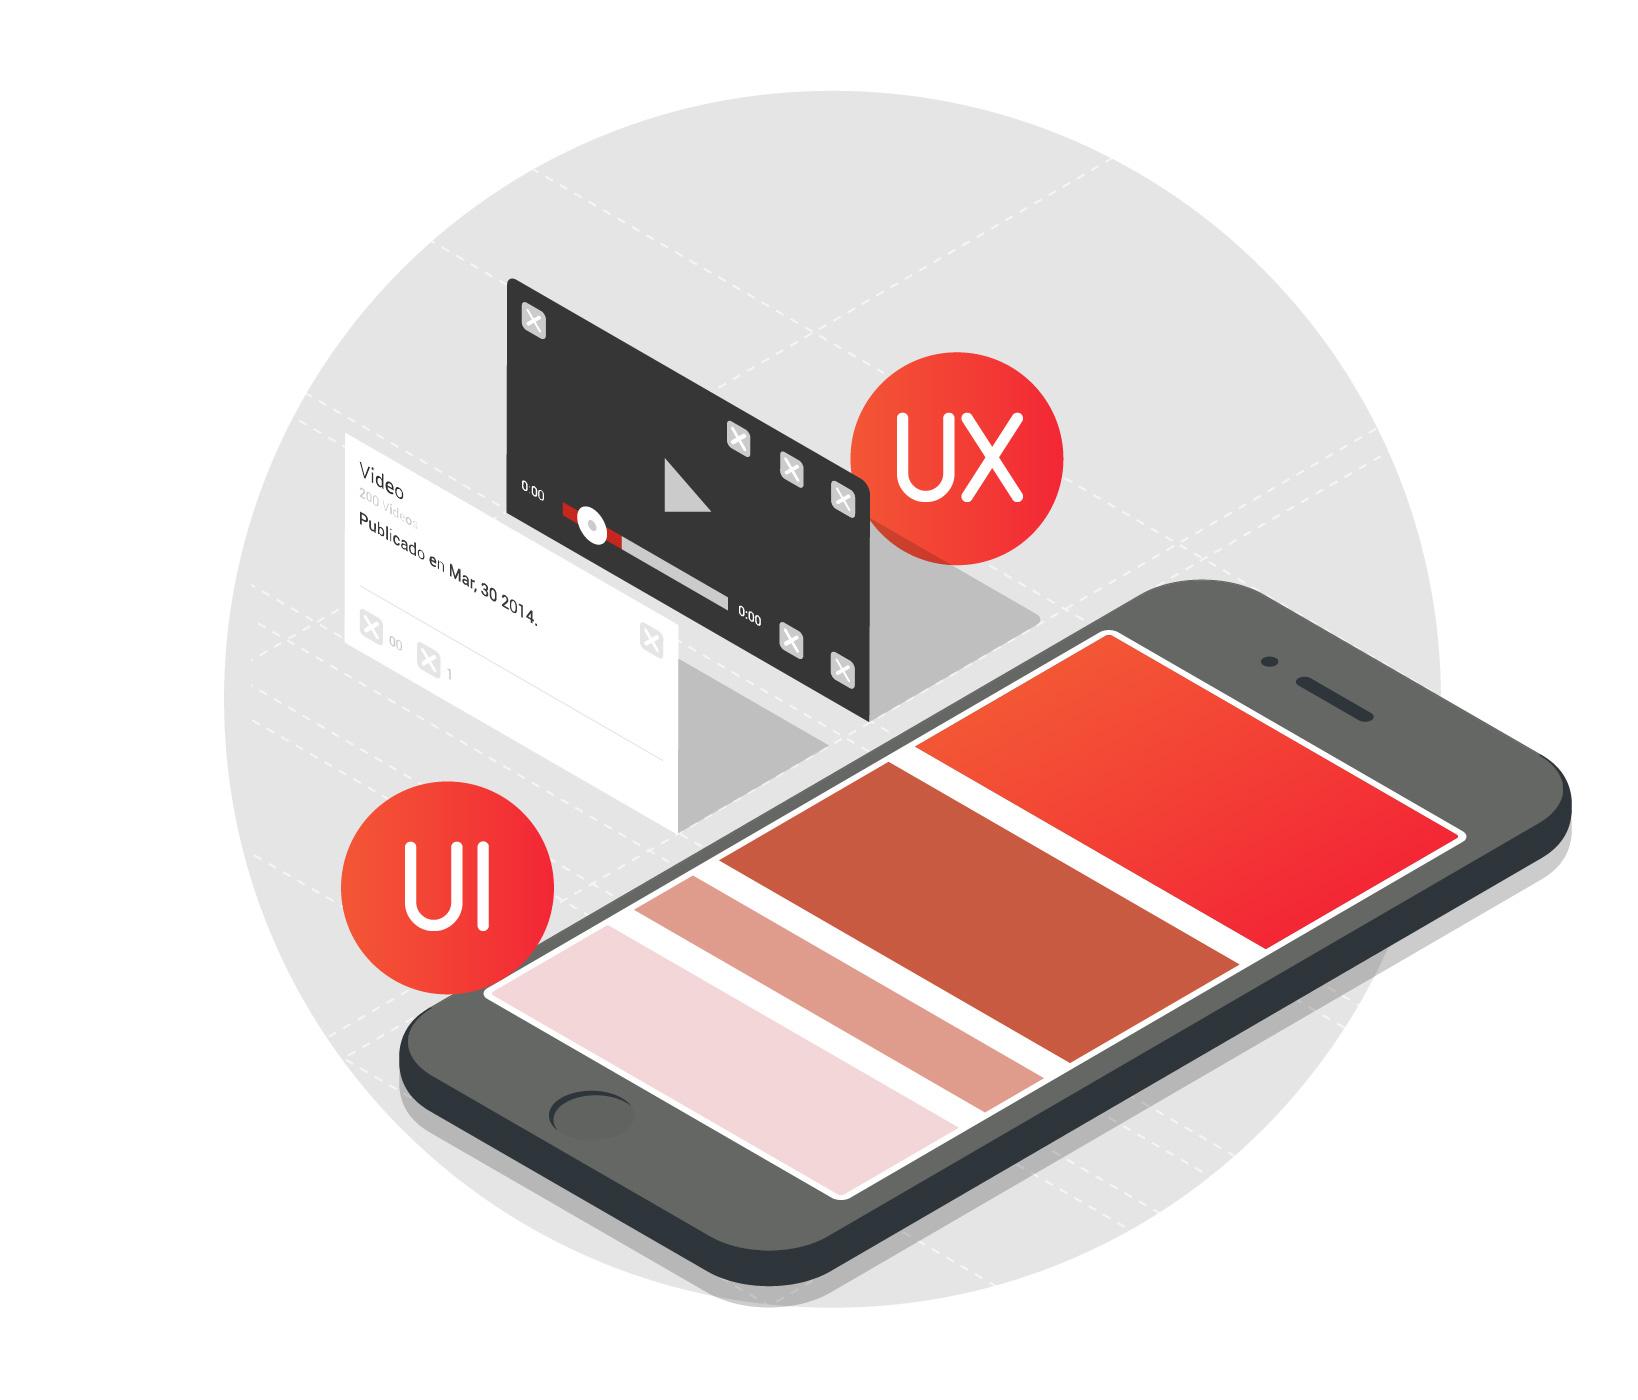 Cómo trabajan juntos diseño UX y diseño UI